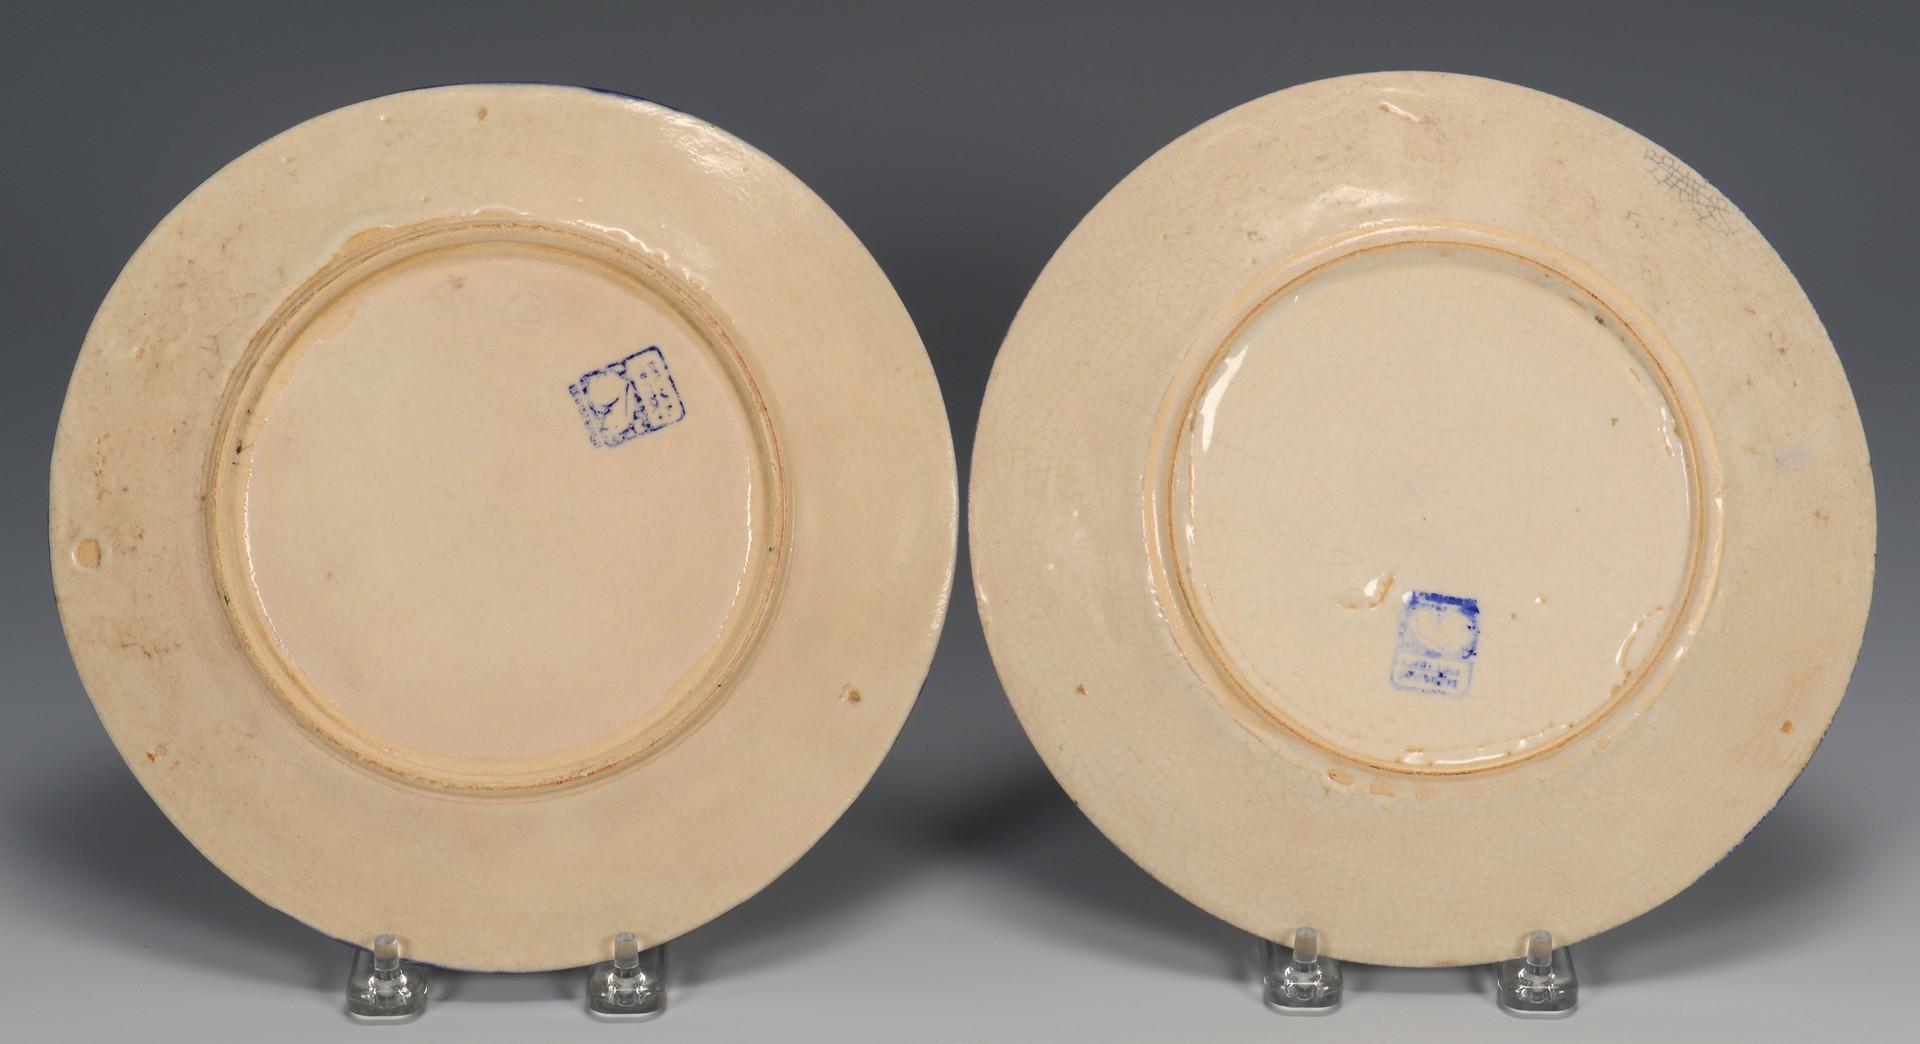 Lot 342: 3 Dedham Plates & 1 Delft Tile